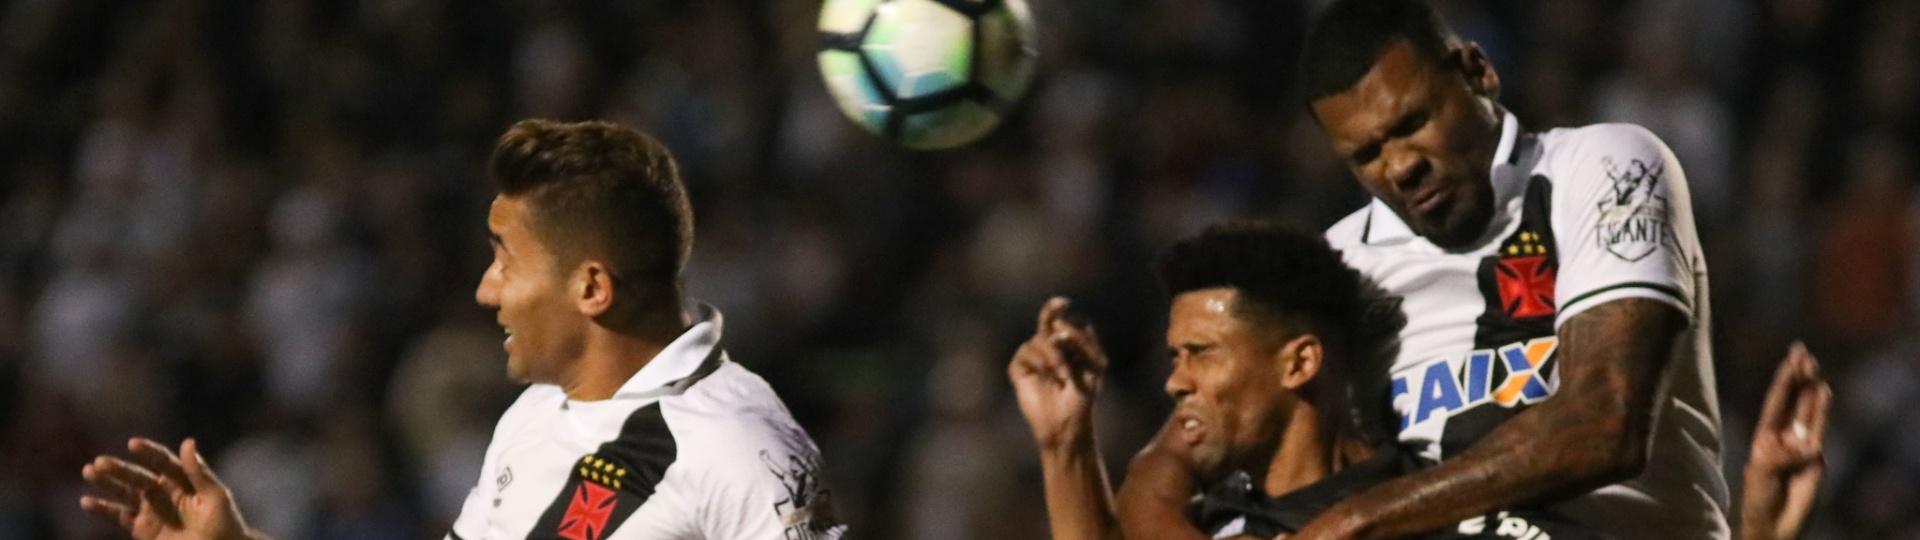 Breno e Naldo disputam lance durante o jogo entre Ponte Preta e Vasco